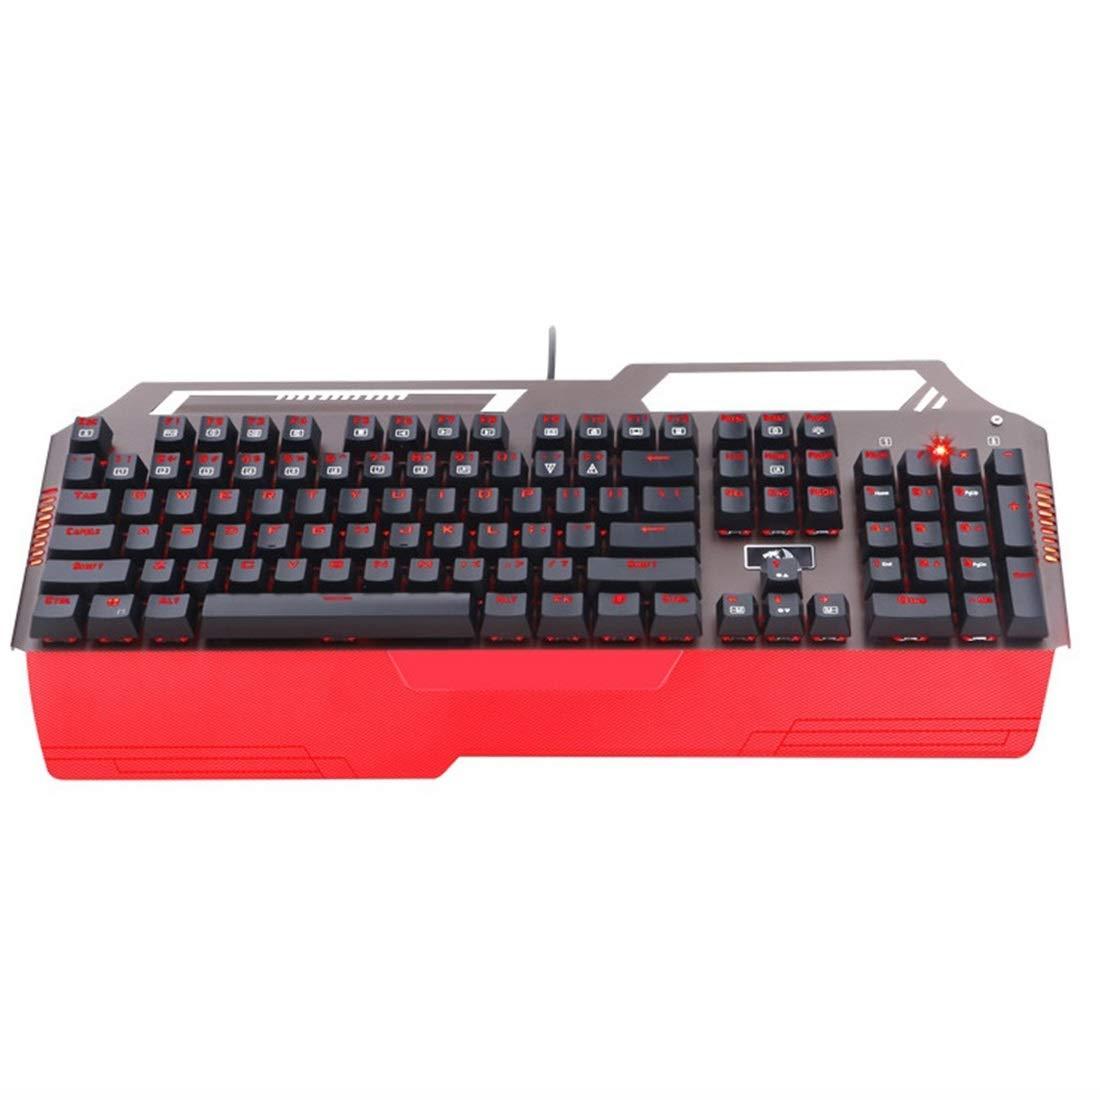 ノウ建材貿易 ゲーミングメカニカルキーボードライトストライクオプティカルスイッチ防水104キーRGBバックライト (色 : レッド)  レッド B07R4LK2X3